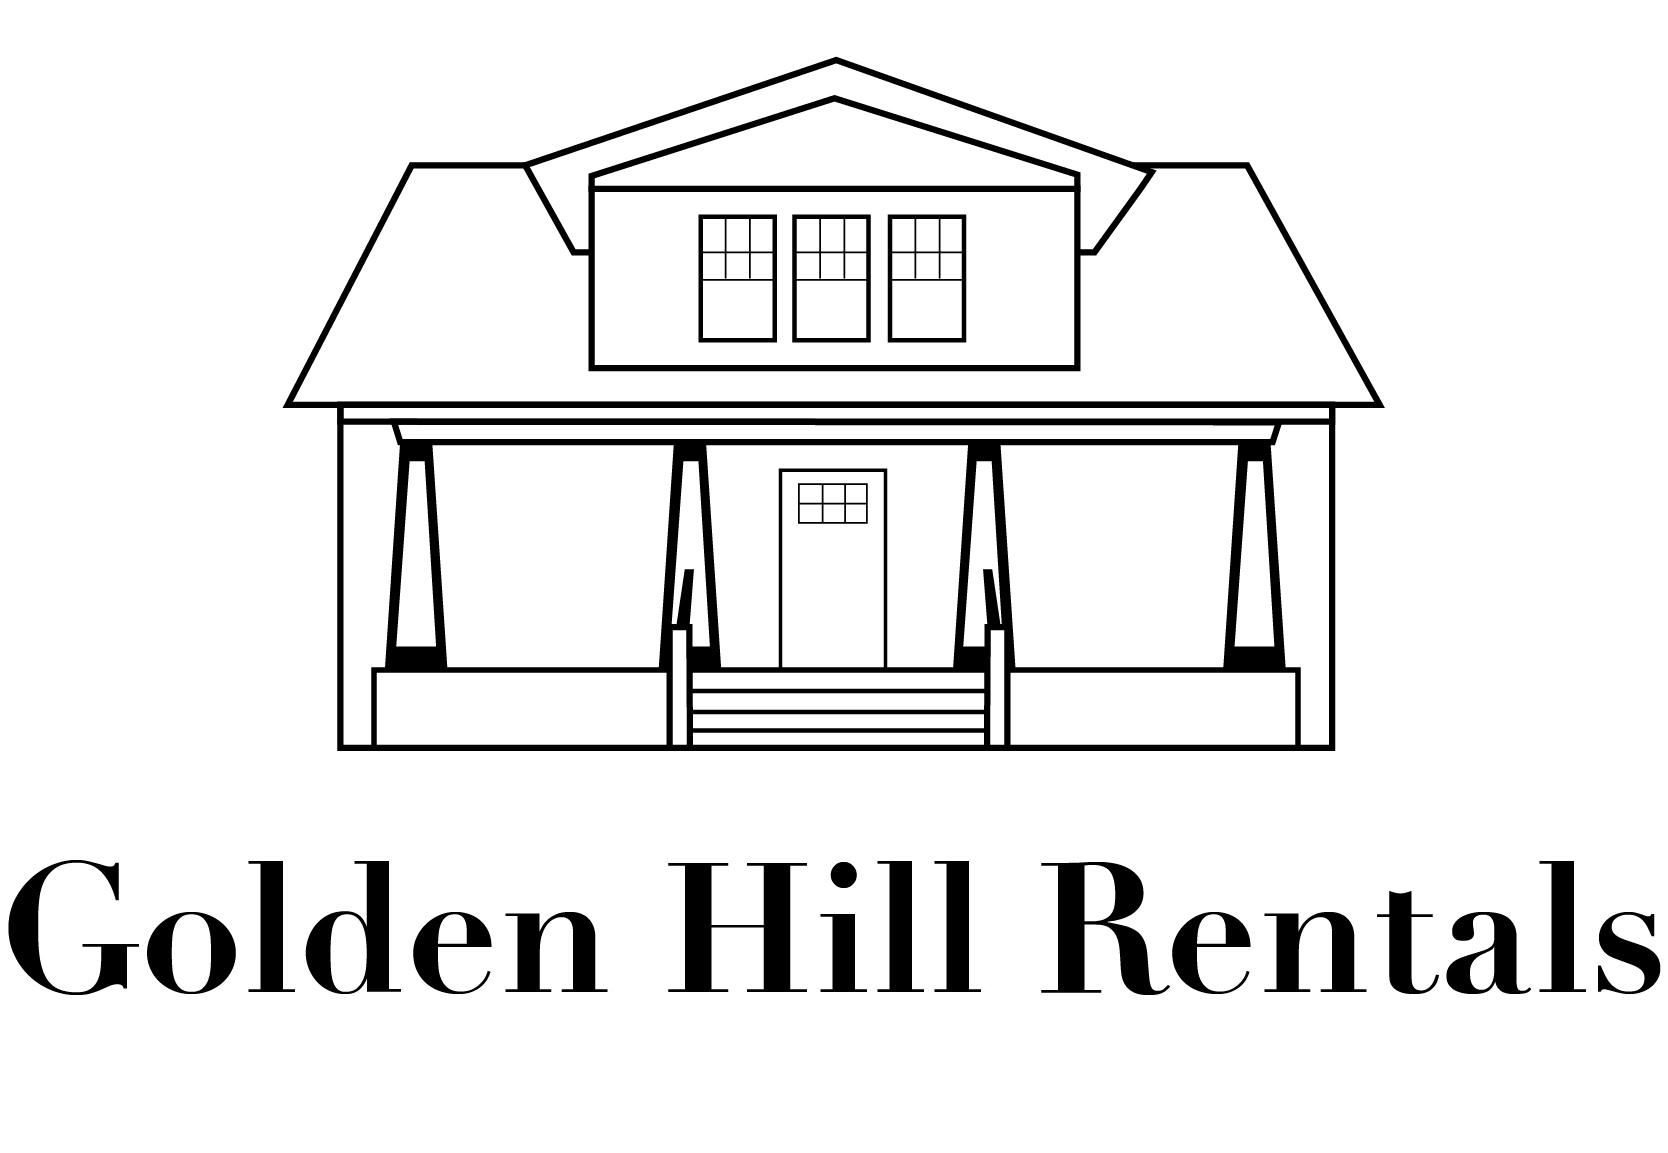 Golden Hill Rentals